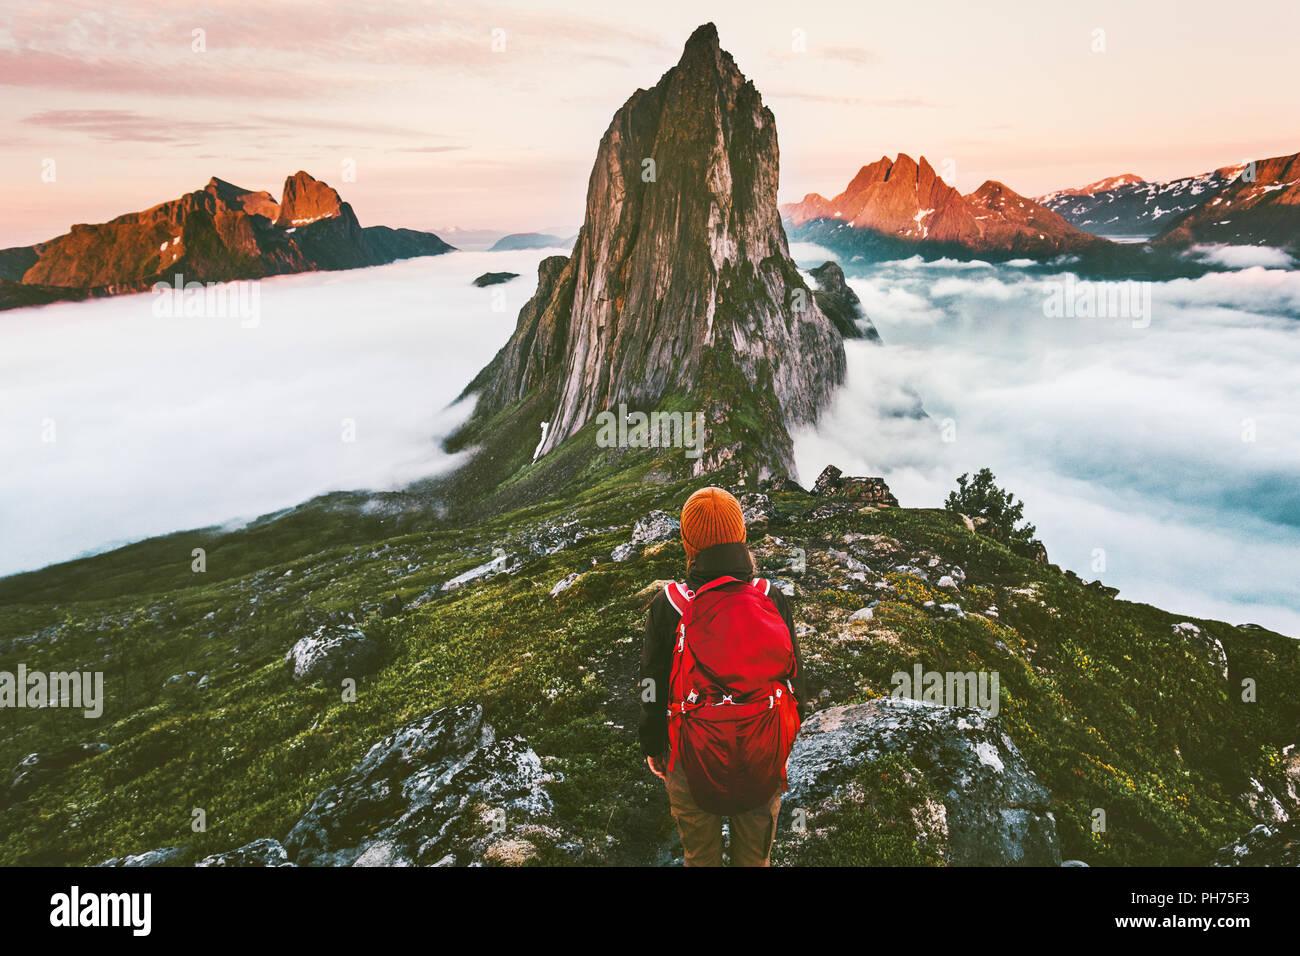 Viajero disfrutando del atardecer Segla senderismo aventura al aire libre en Noruega de vacaciones activas en el estilo de vida itinerante Imagen De Stock